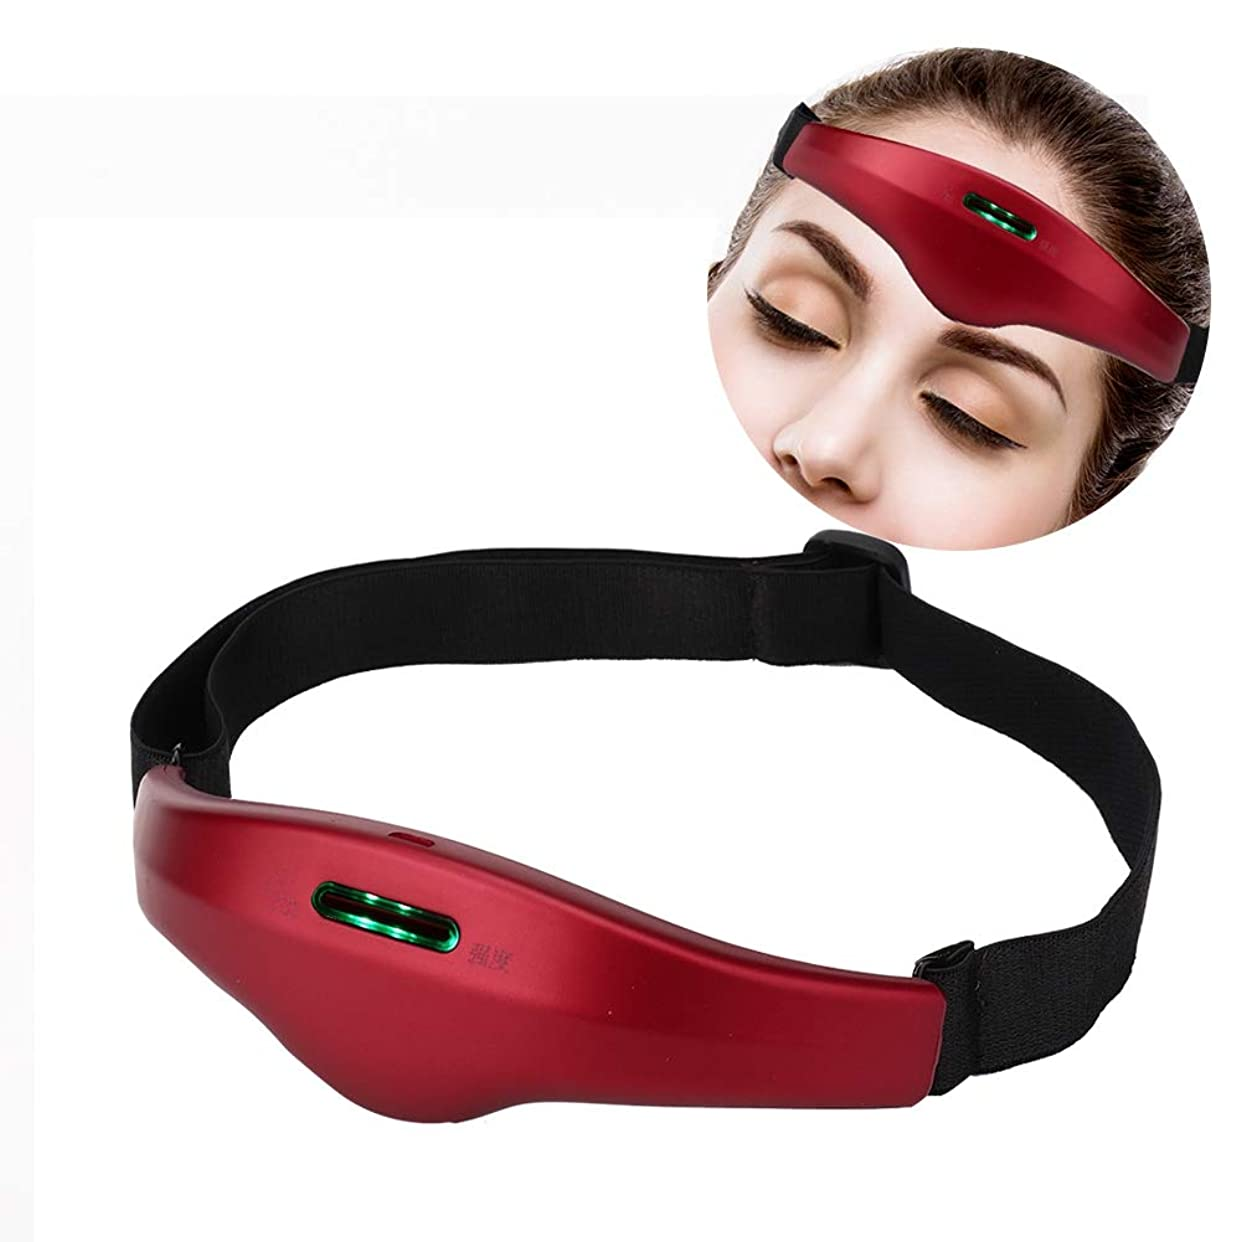 インド橋脚田舎者電気ヘッドマッサージャー、ストレス解消のためのコントロールネックマッサージャーとより良い睡眠の声インテリジェント睡眠マッサージ装置(Vermilion Red)